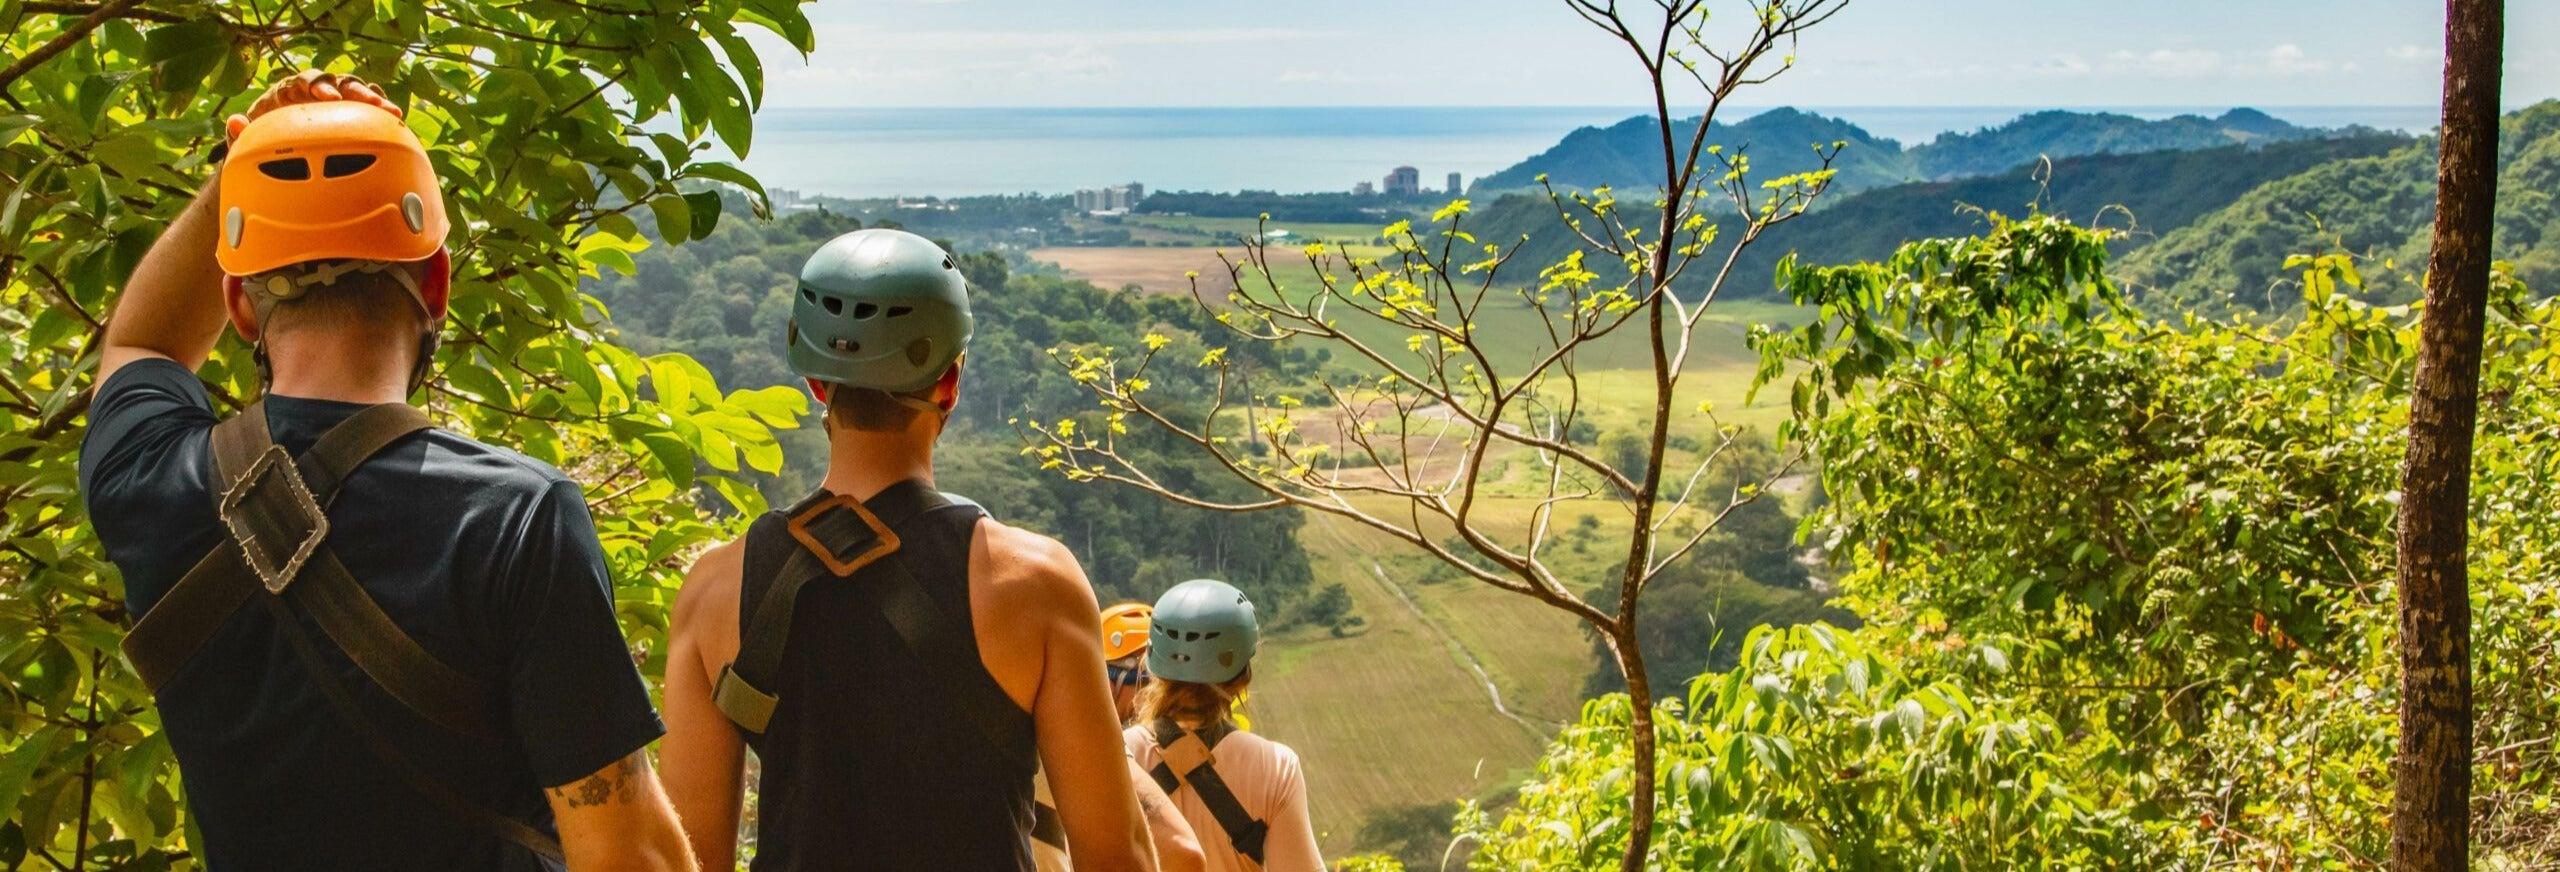 Entrée pour le parc d'attraction Rainforest Atlantic